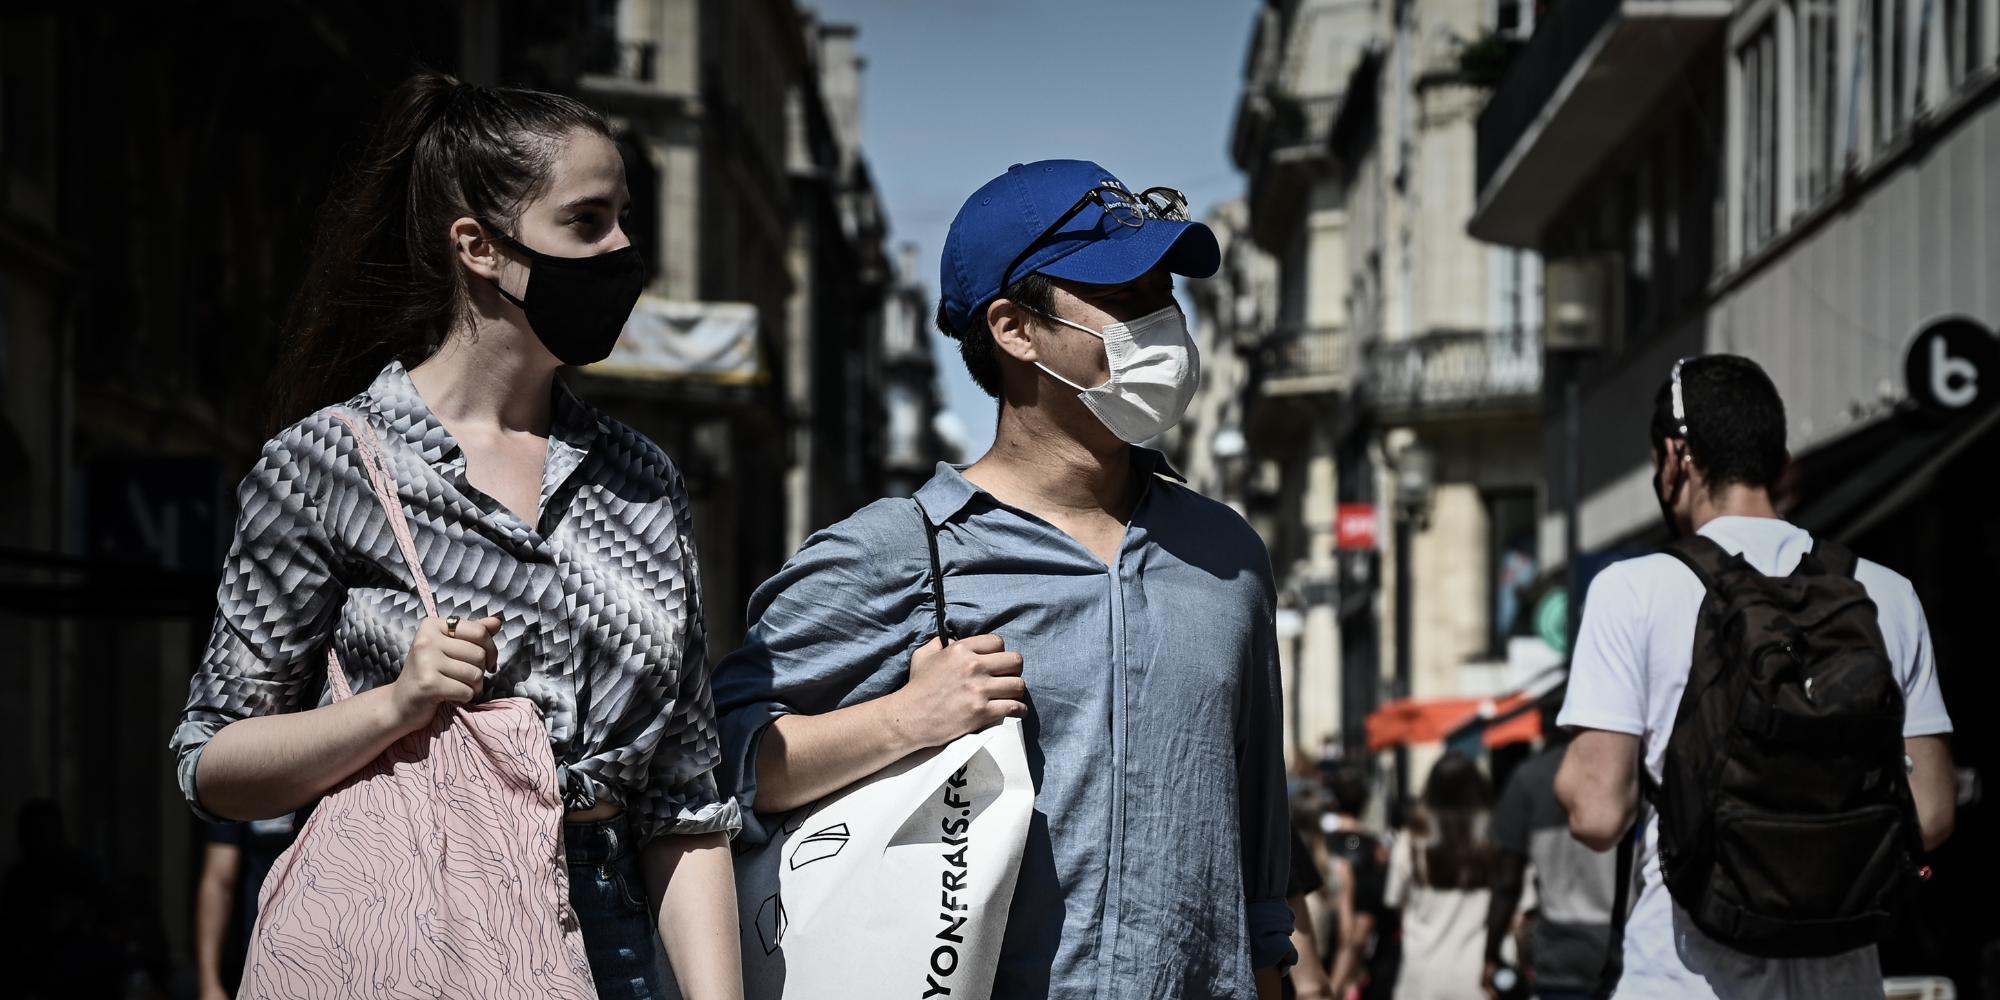 Logement Une Prime De 1 000 Euros Pour Aider Les Jeunes A Demarrer Dans La Vie Active